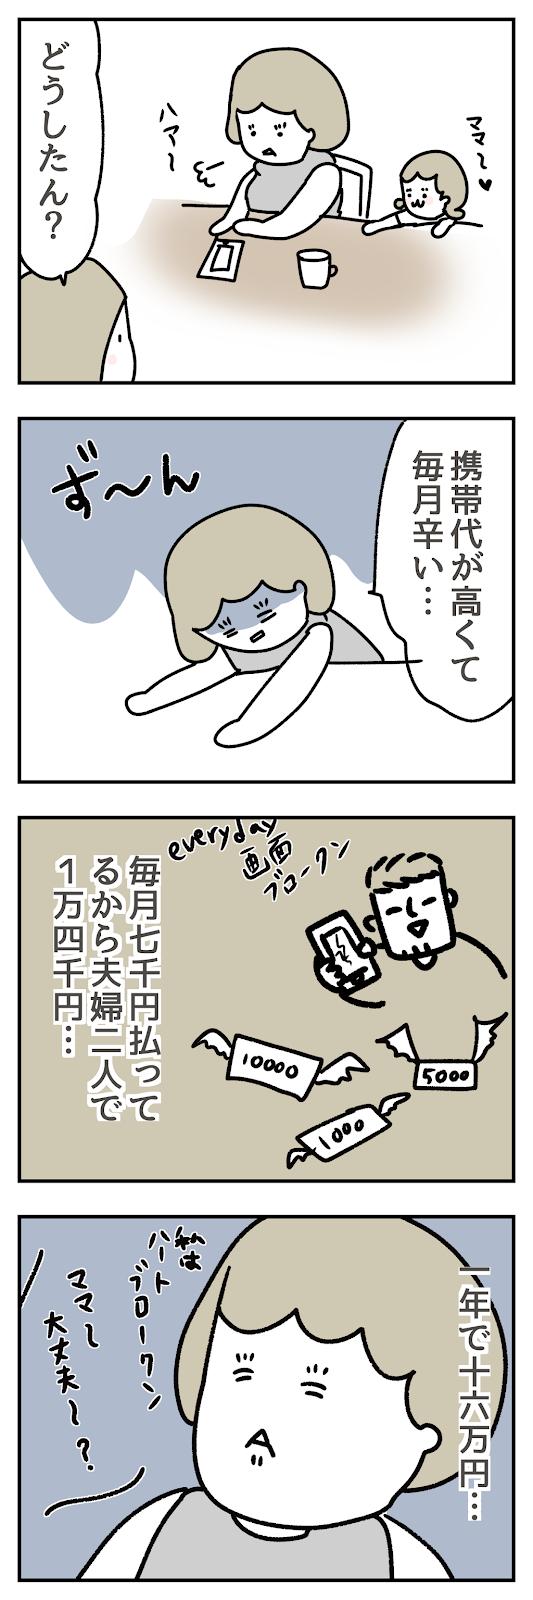 毎月の携帯代が高くて悩んでいる人の漫画